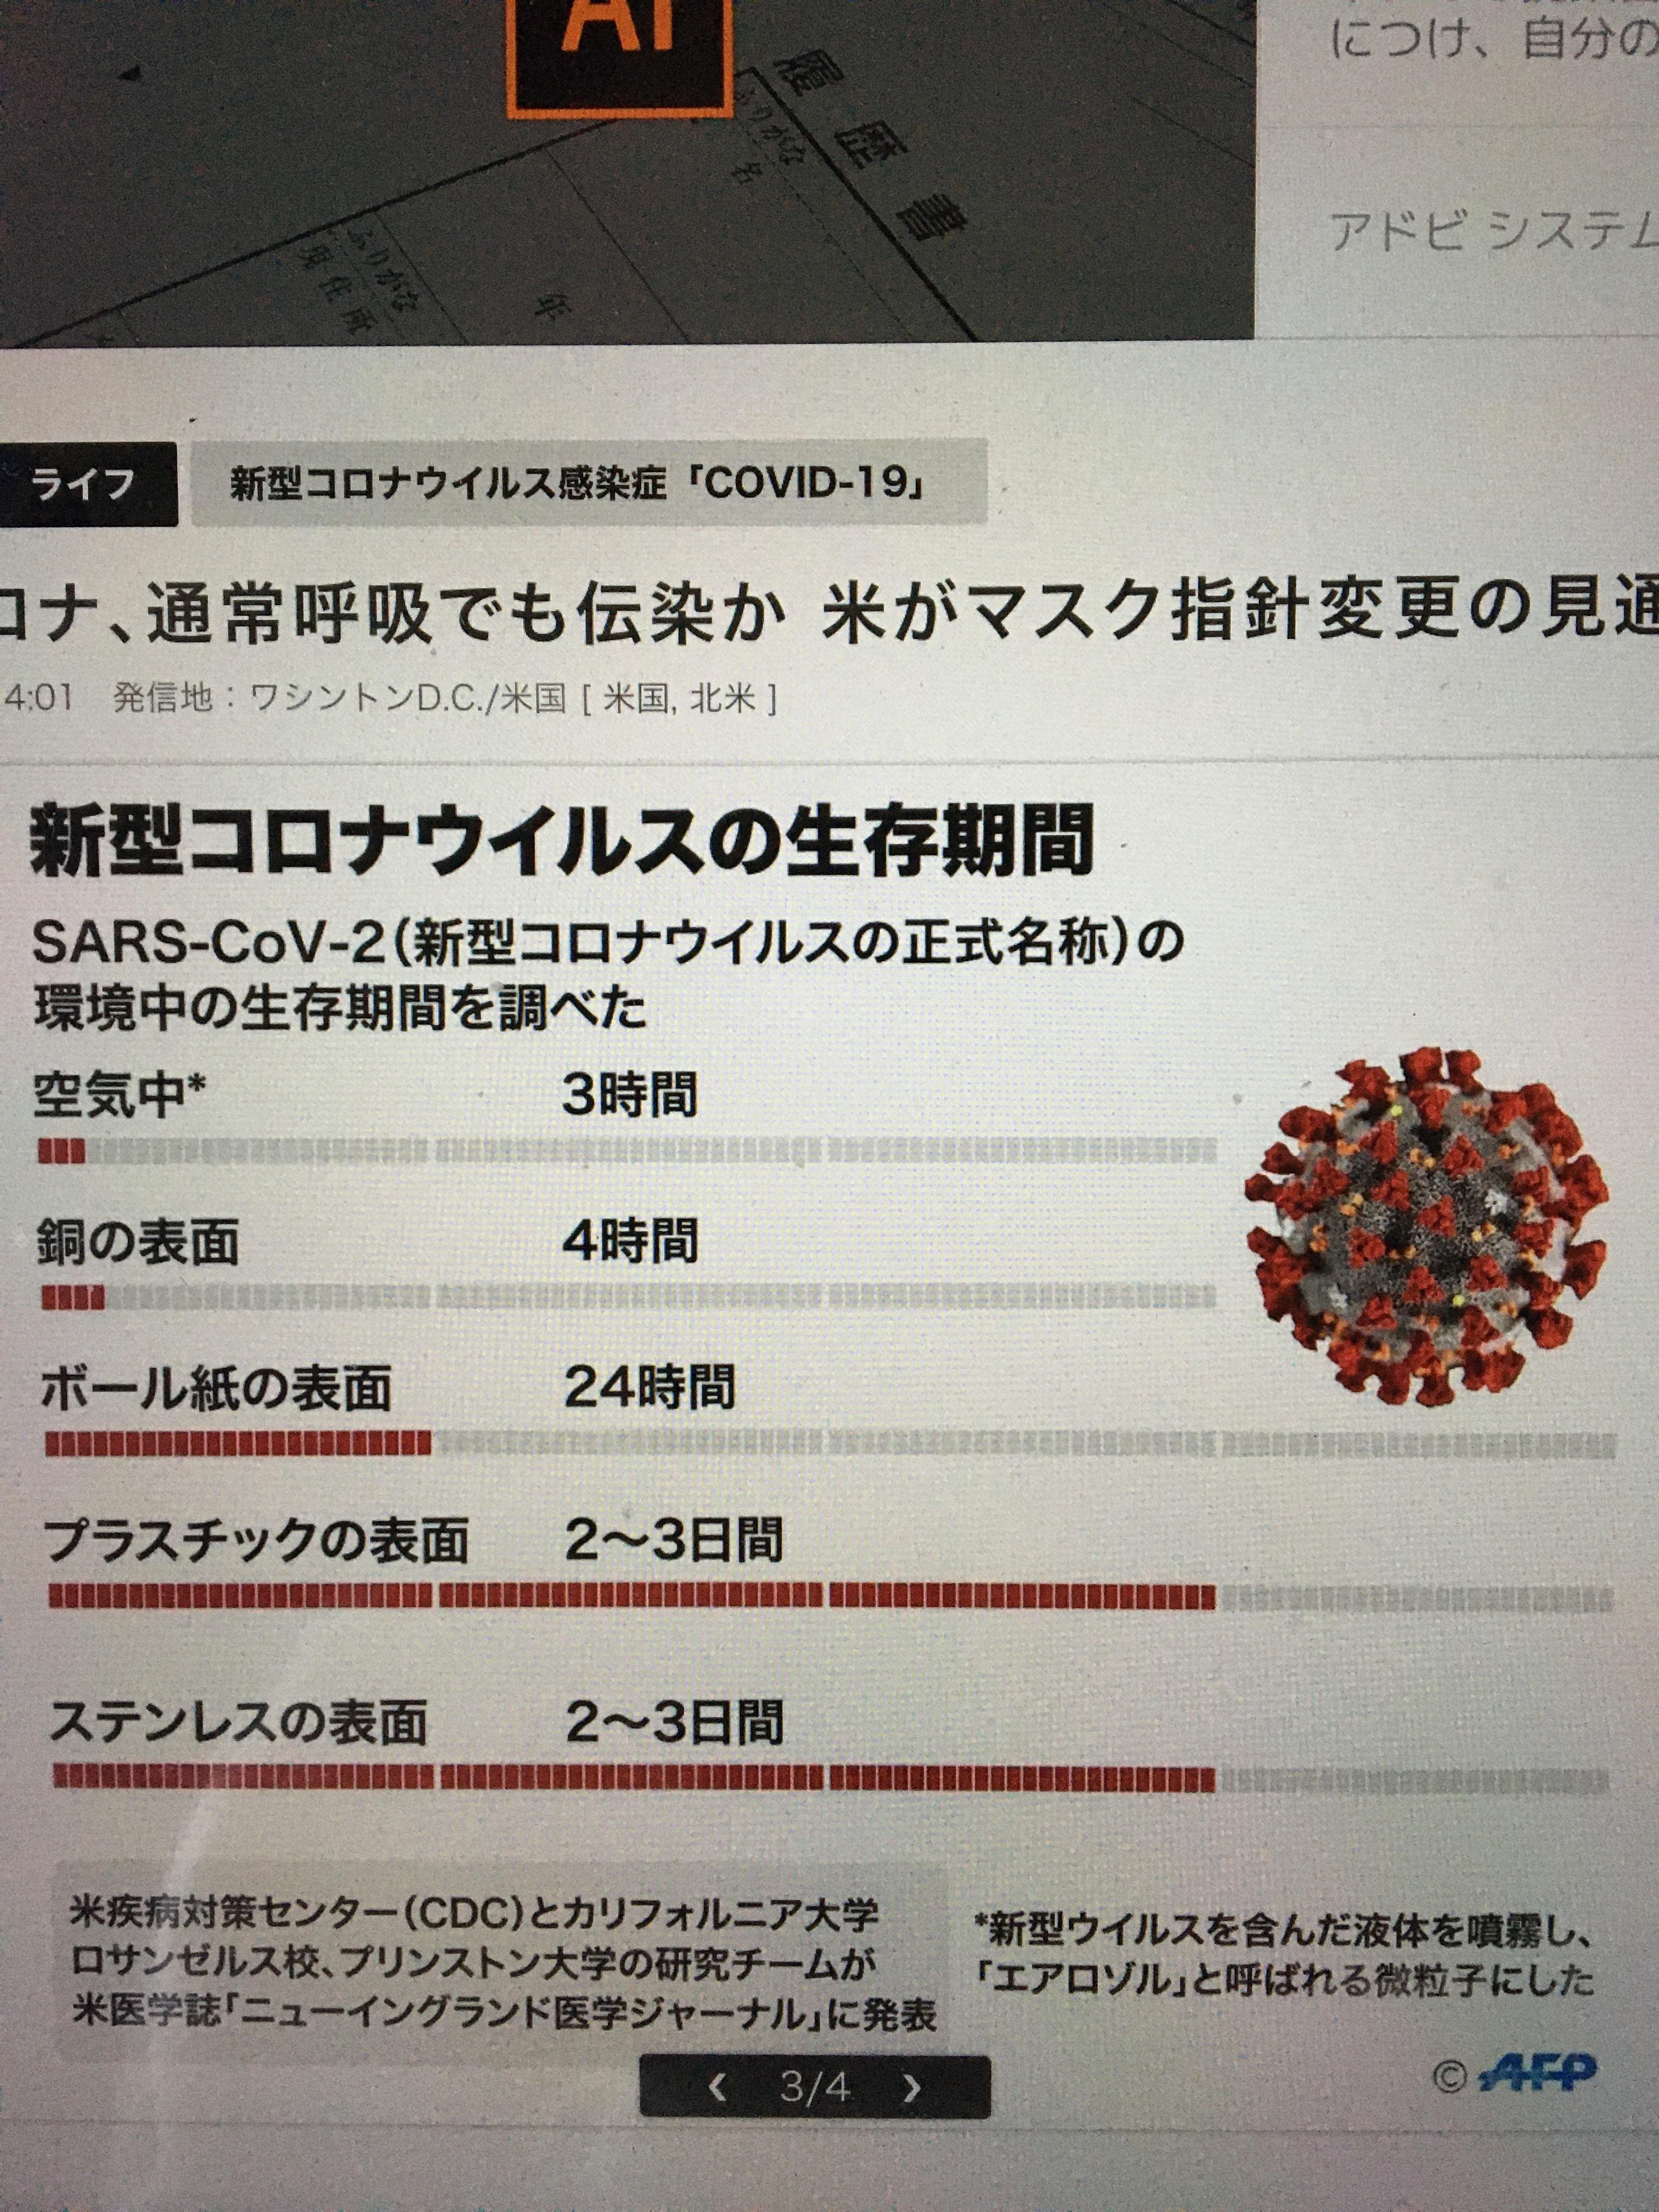 福島 県 コロナ 感染 者 いわき 市